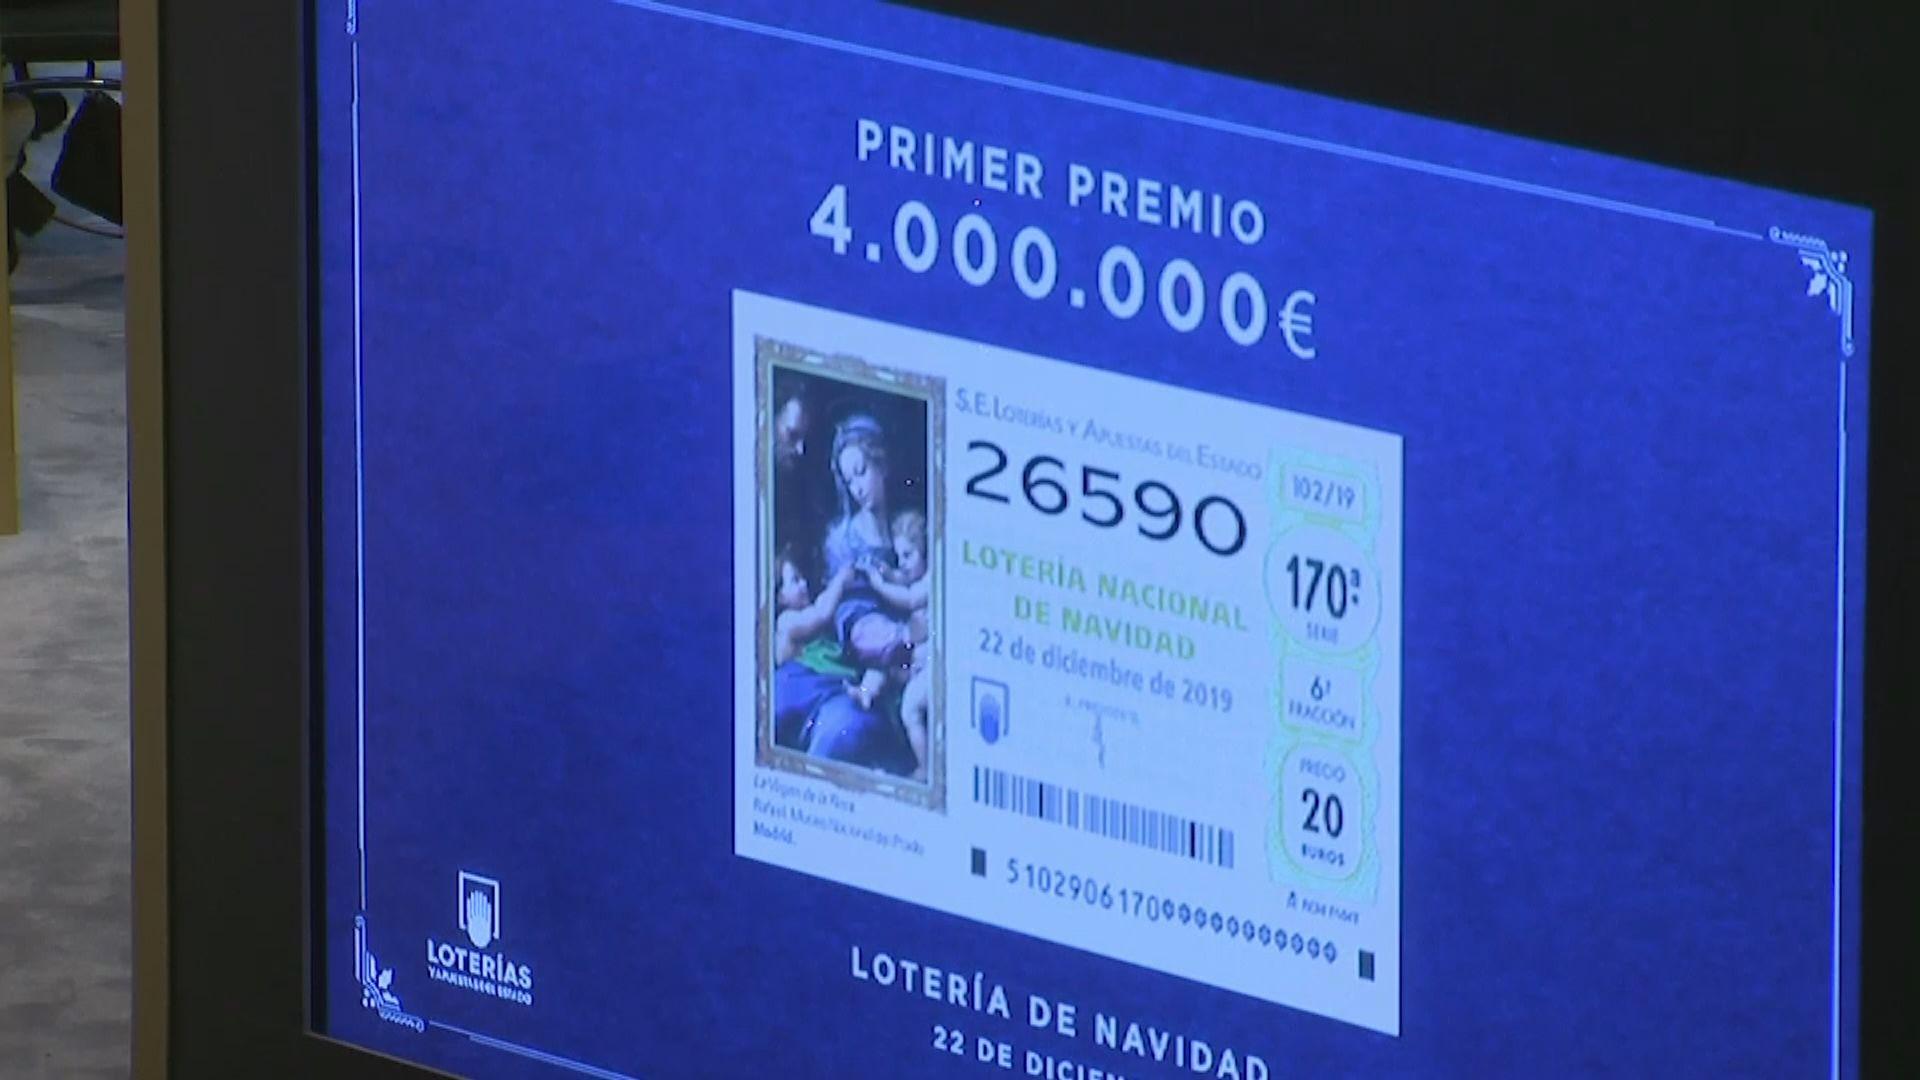 【環球薈報】西班牙「肥仔彩券」獎金總額近24億歐元